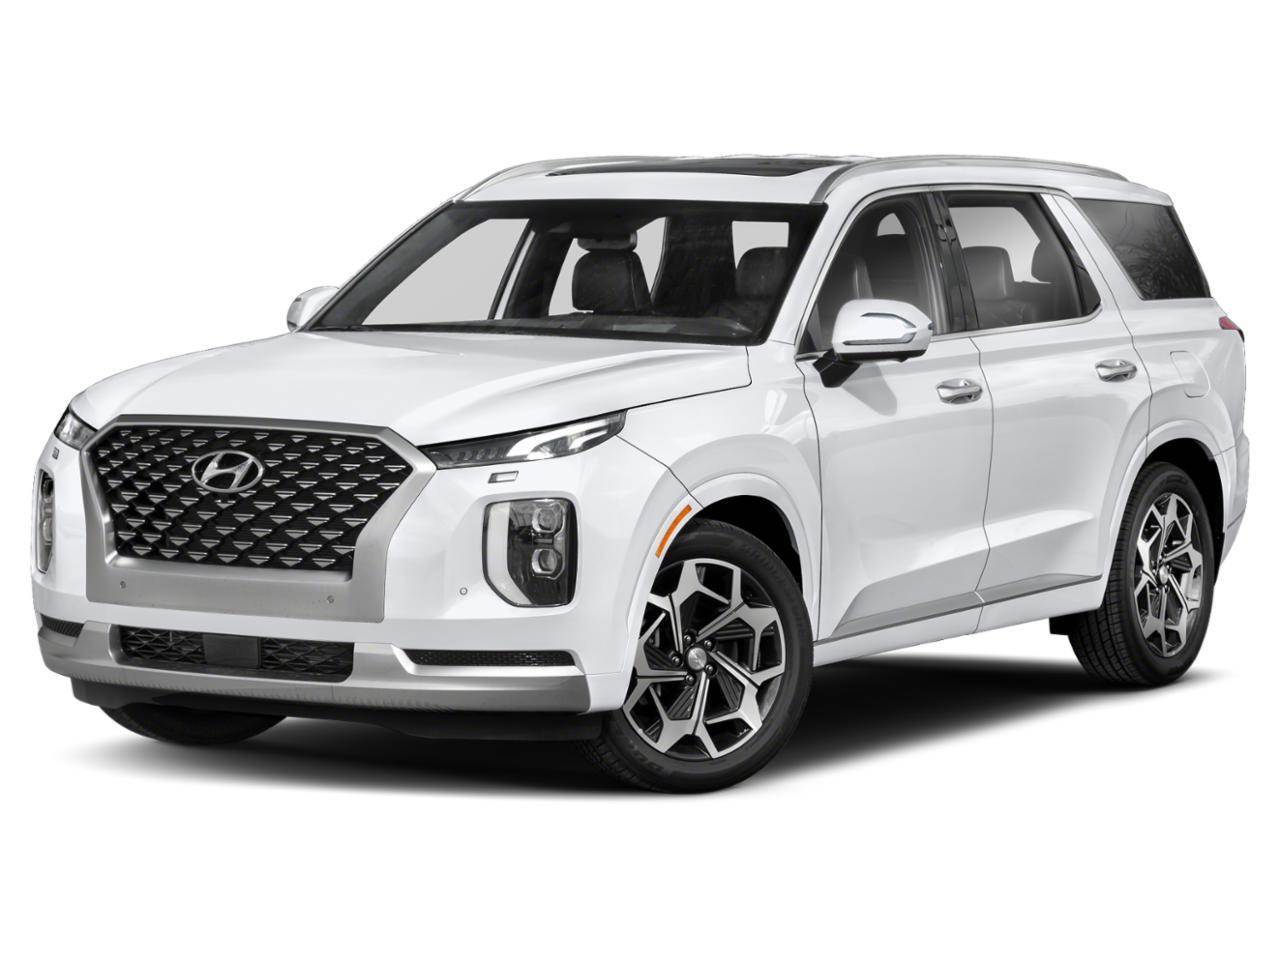 2021 Hyundai Palisade Vehicle Photo in Appleton, WI 54913